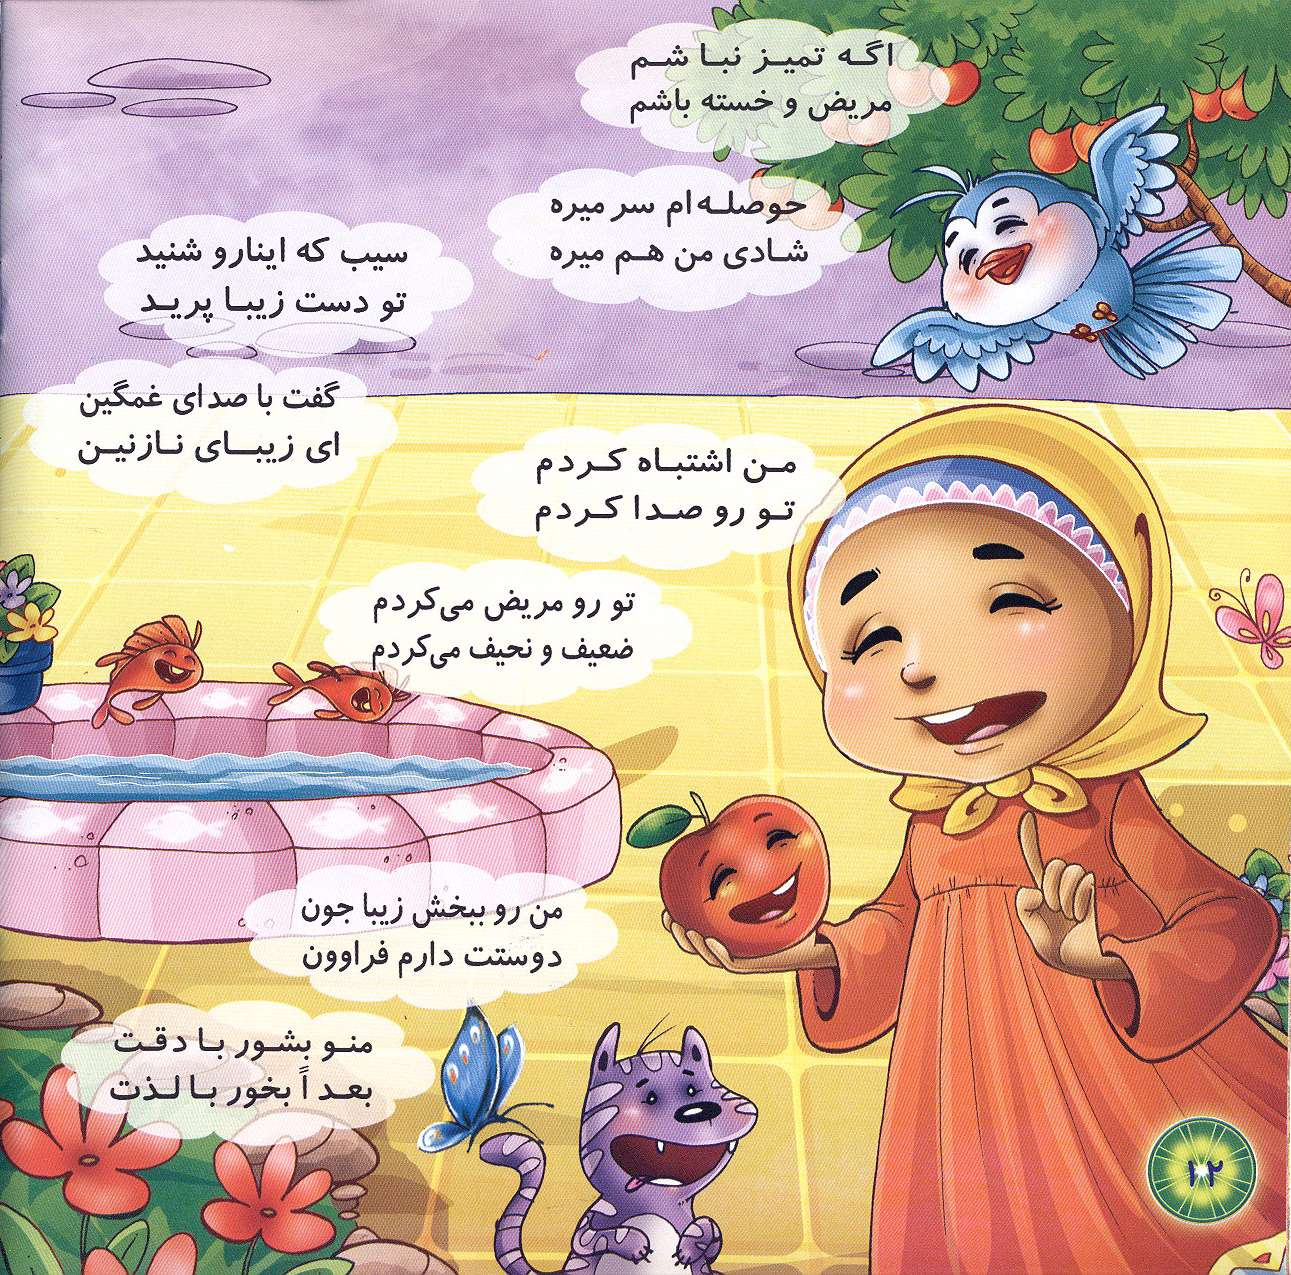 عکس کارتونی دختر درس خون | سایت عکس